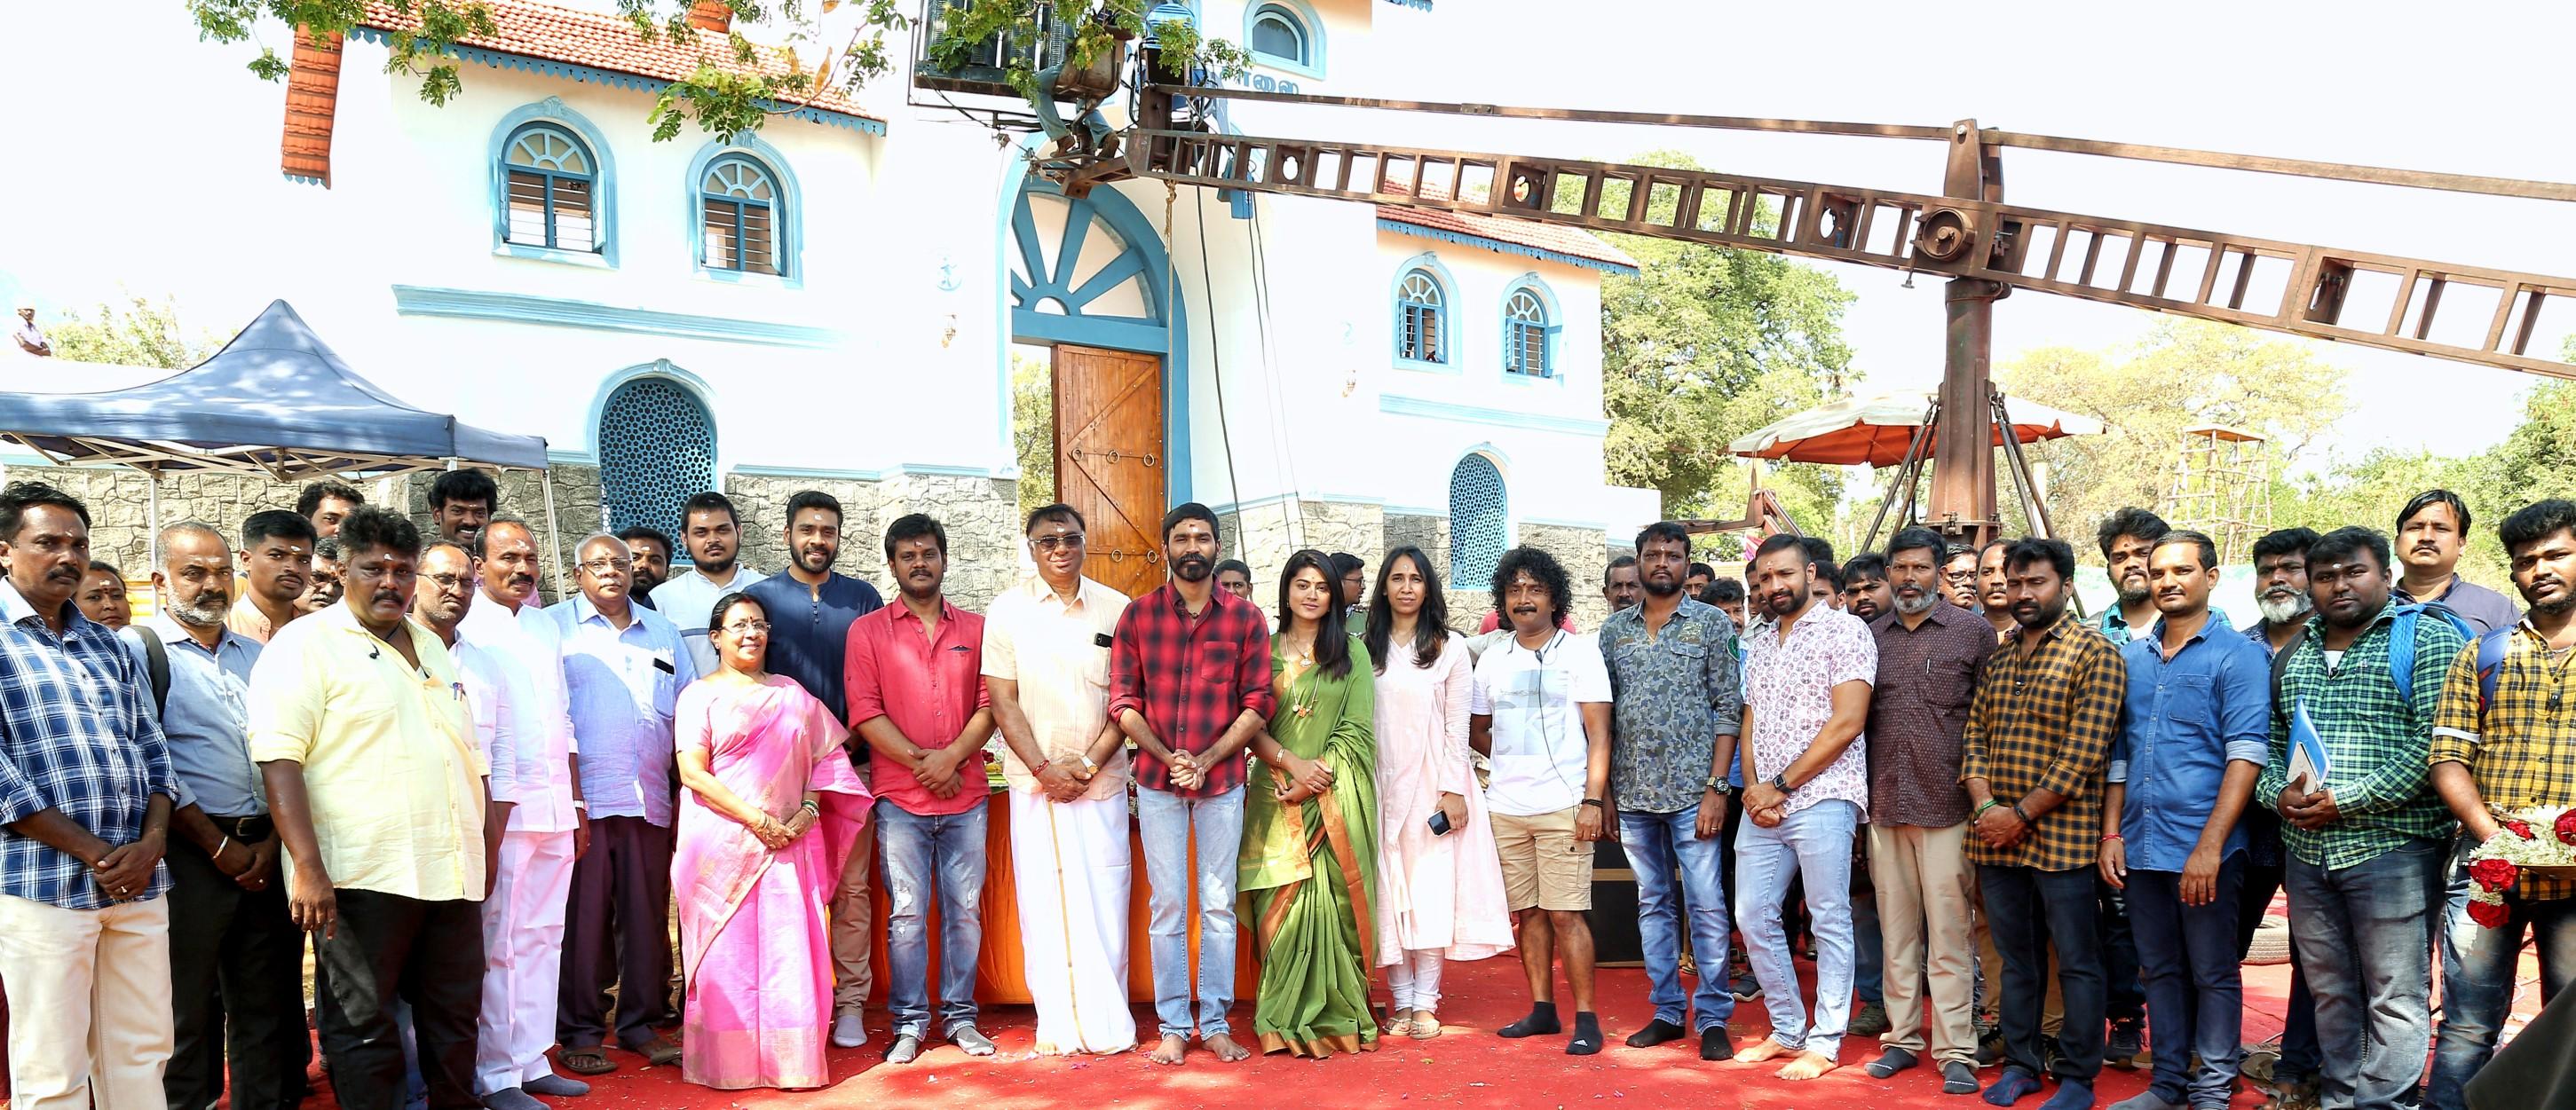 Sathya Jyothi Production No 34 Movie Pooja Stills